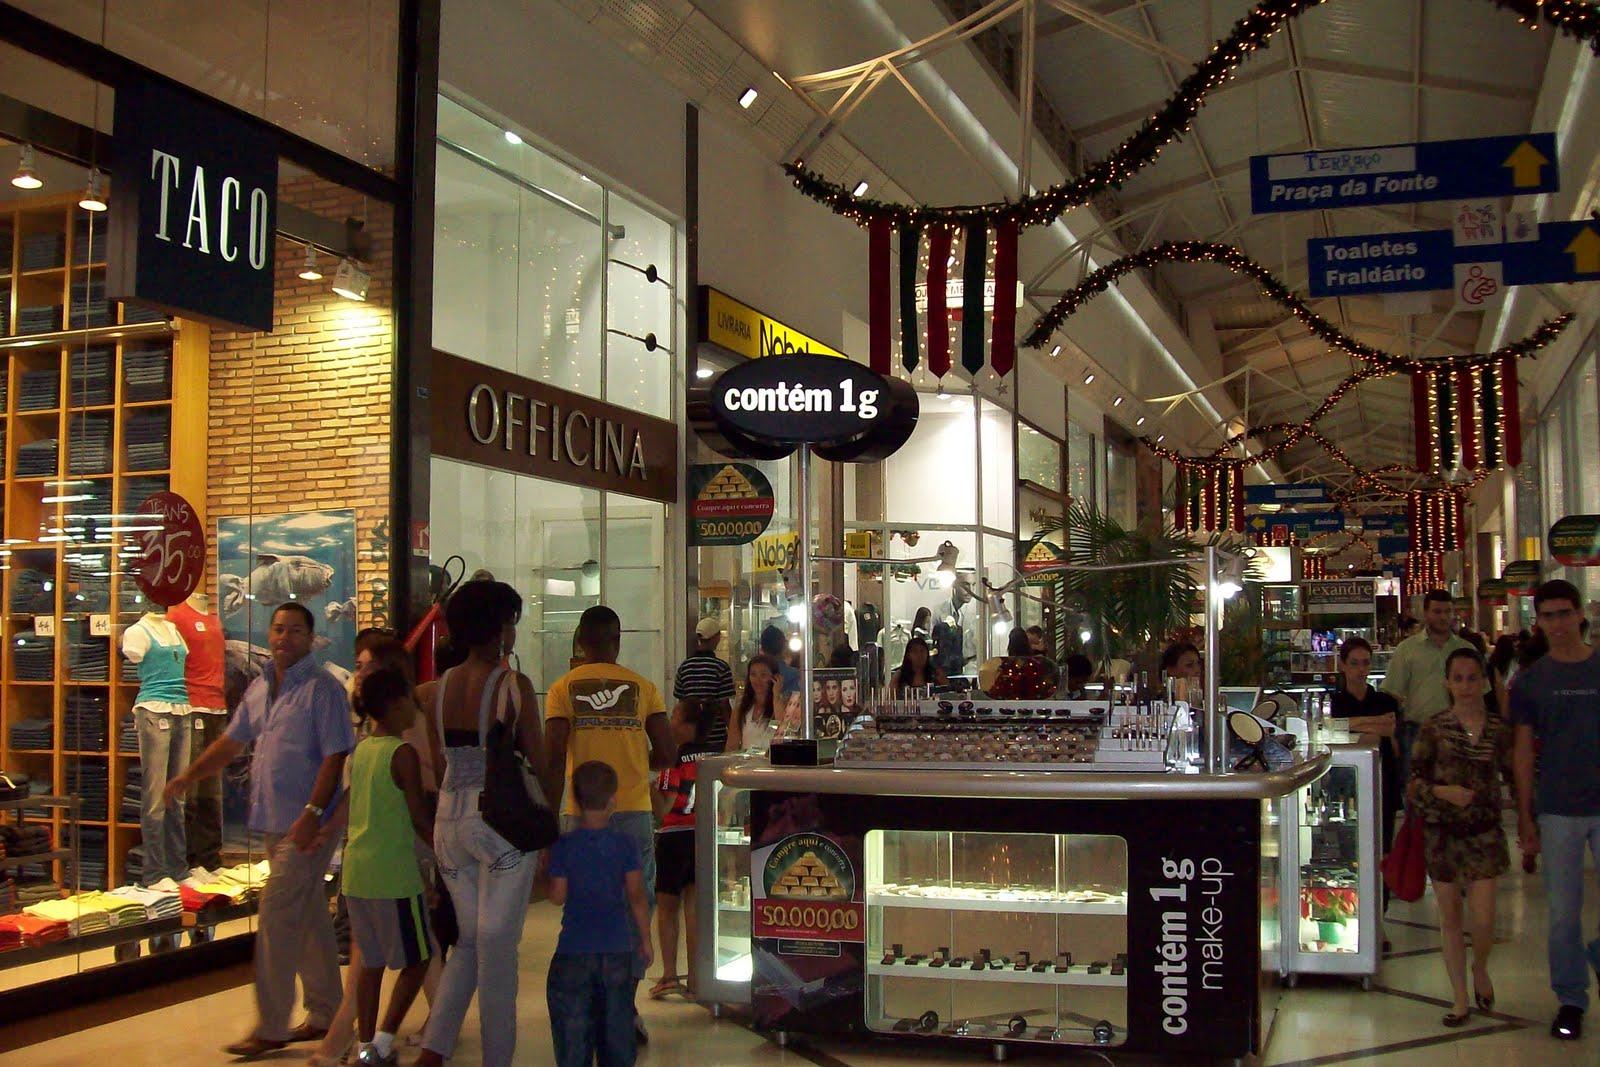 Novas fotos e vídeos da decoração de natal e do Shopping Uberaba